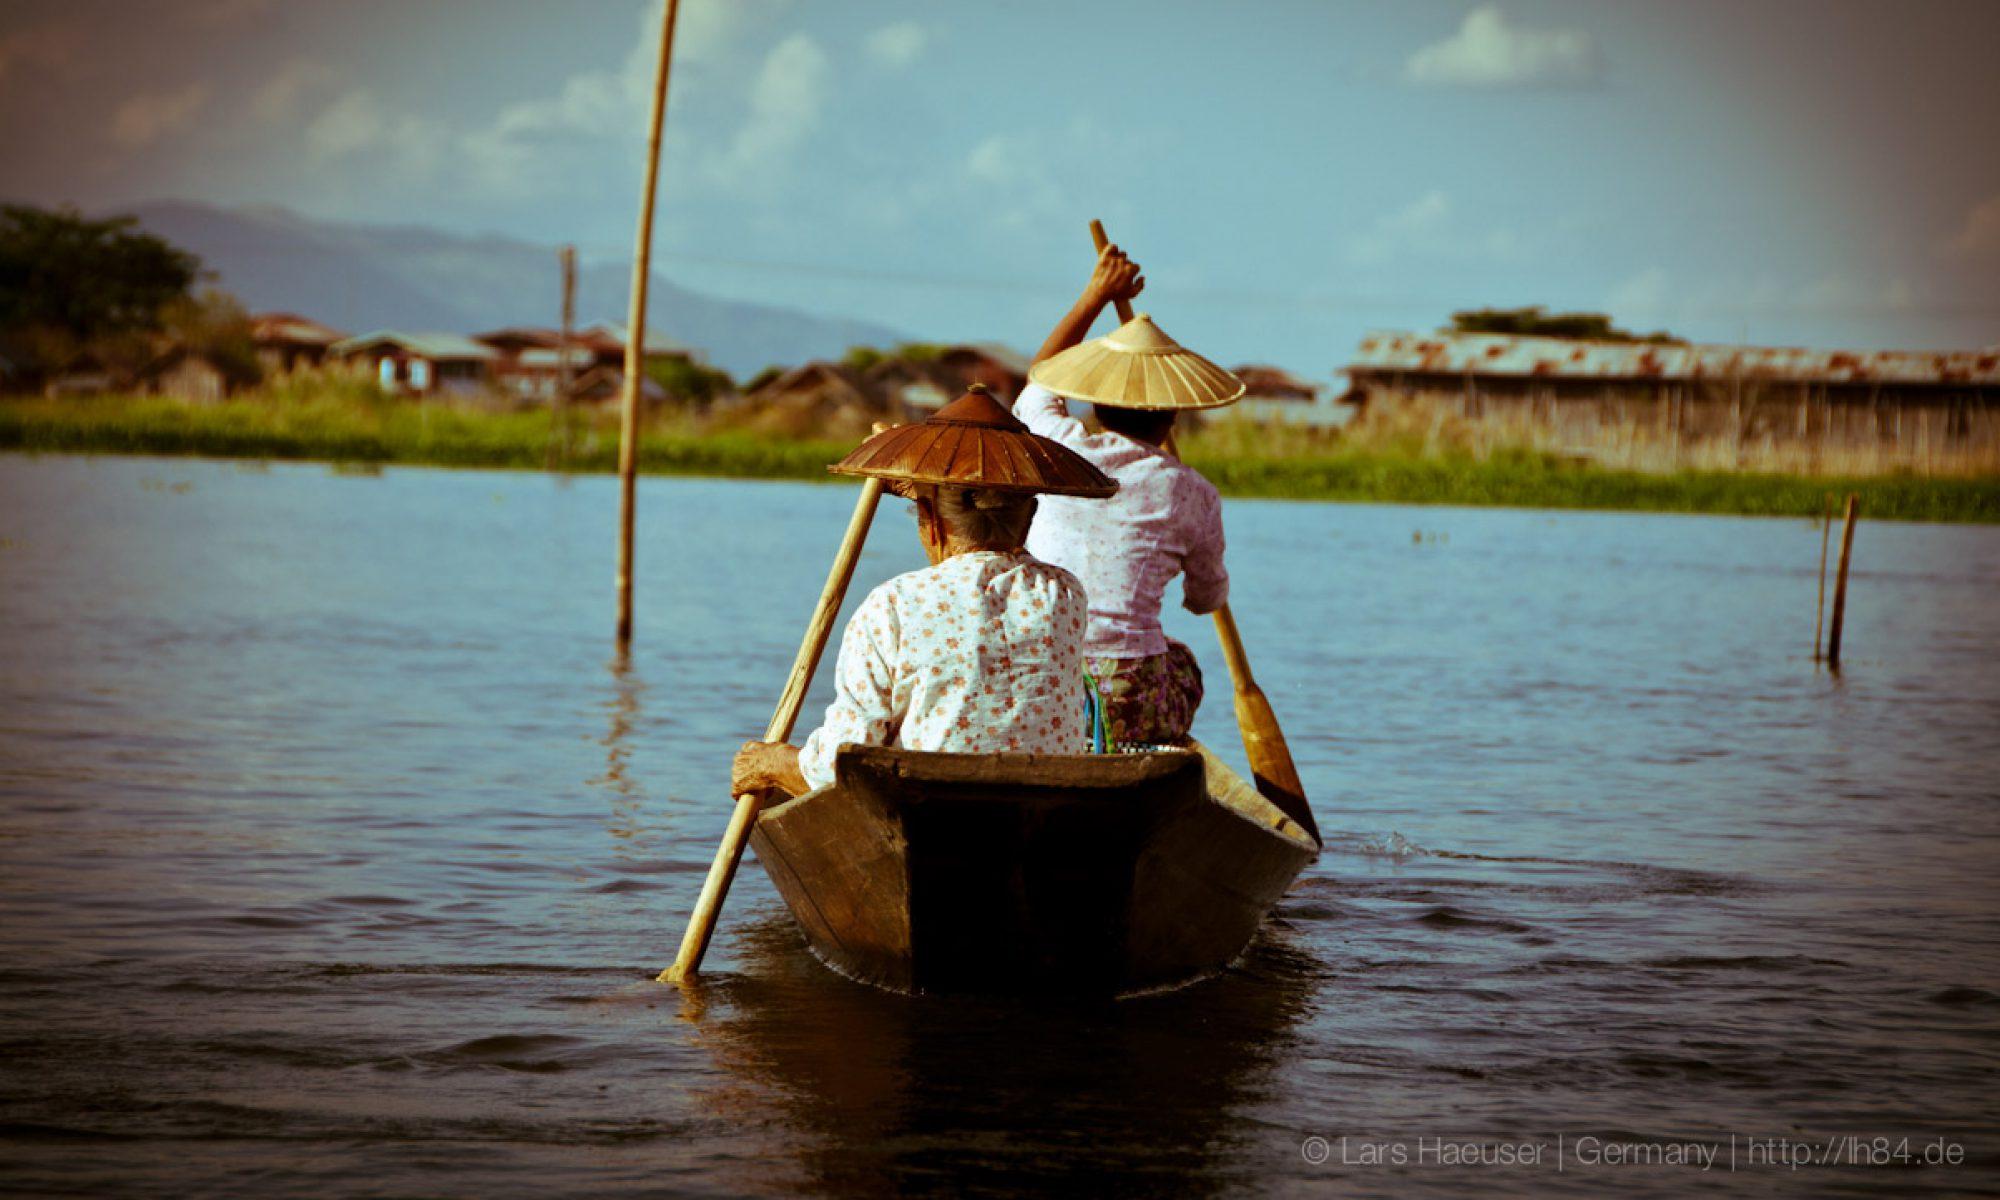 Reiseblog nicht nur über Australien & Asien